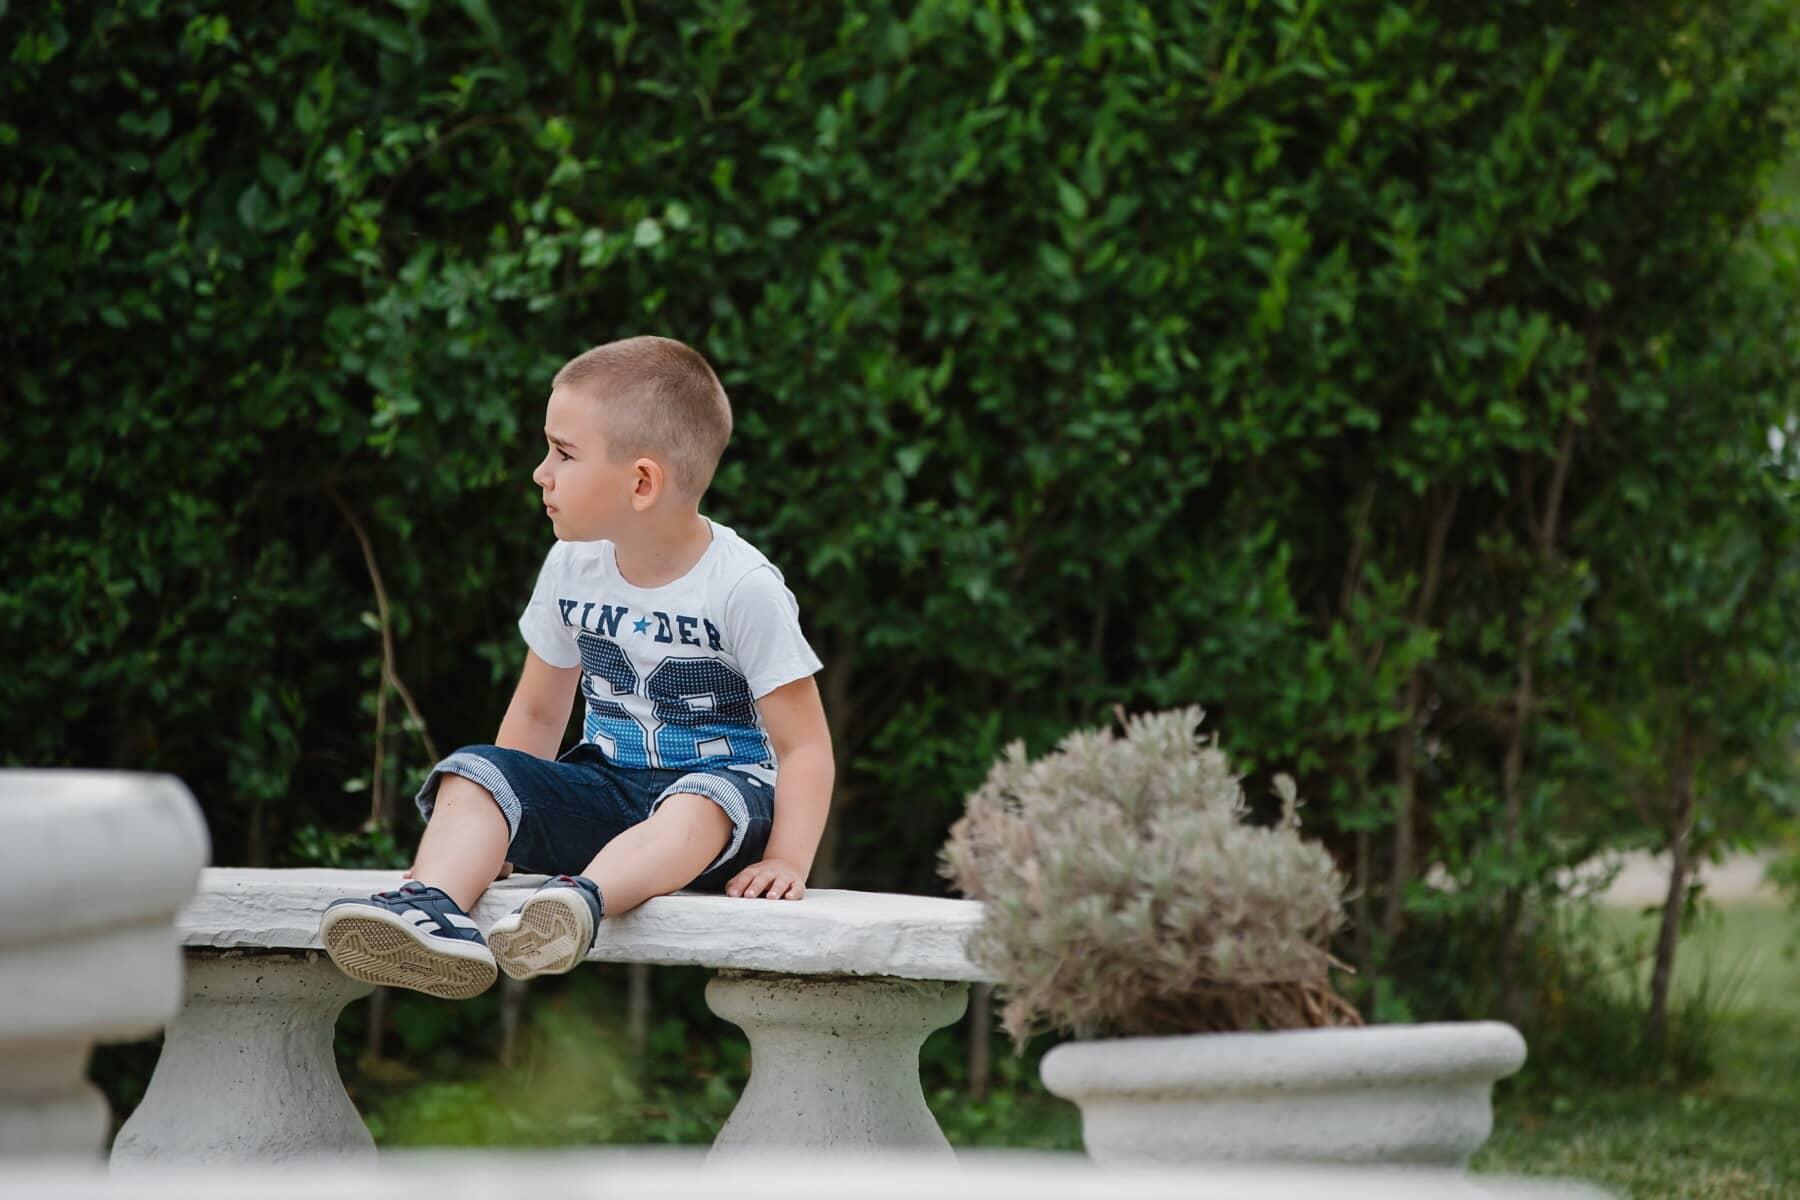 garçon, jeune, arrière-cour, assis, heureux, parc, enfant, jardin, asseoir, à l'extérieur